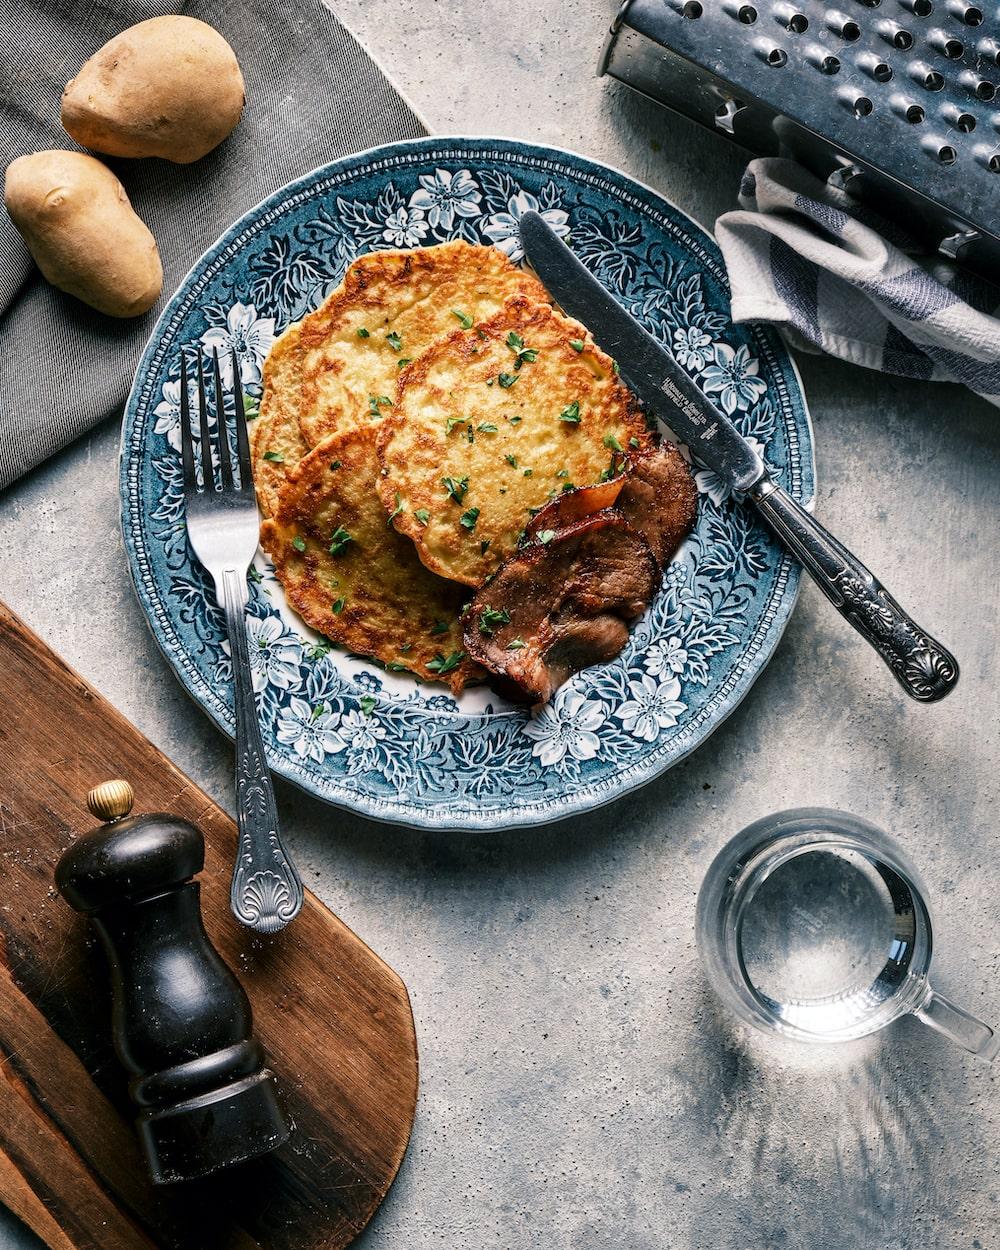 甘くないポテトパンケーキ|カリカリじゃがいもとベーコンで優雅に北欧風朝ごはん